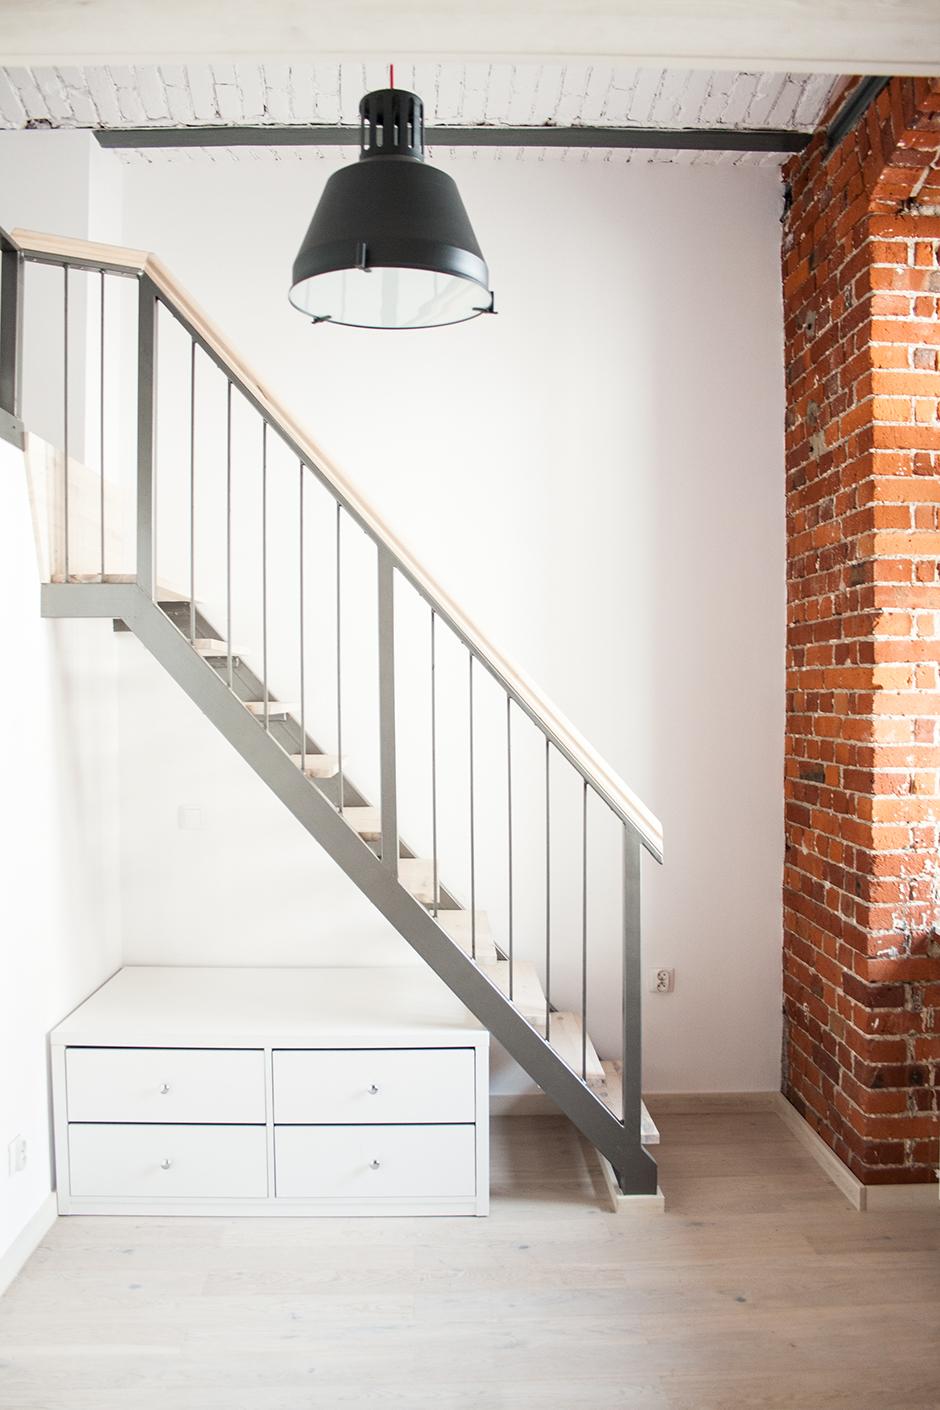 IMG 8812 - 7 błędów, które popełniłam przy urządzaniu mieszkania